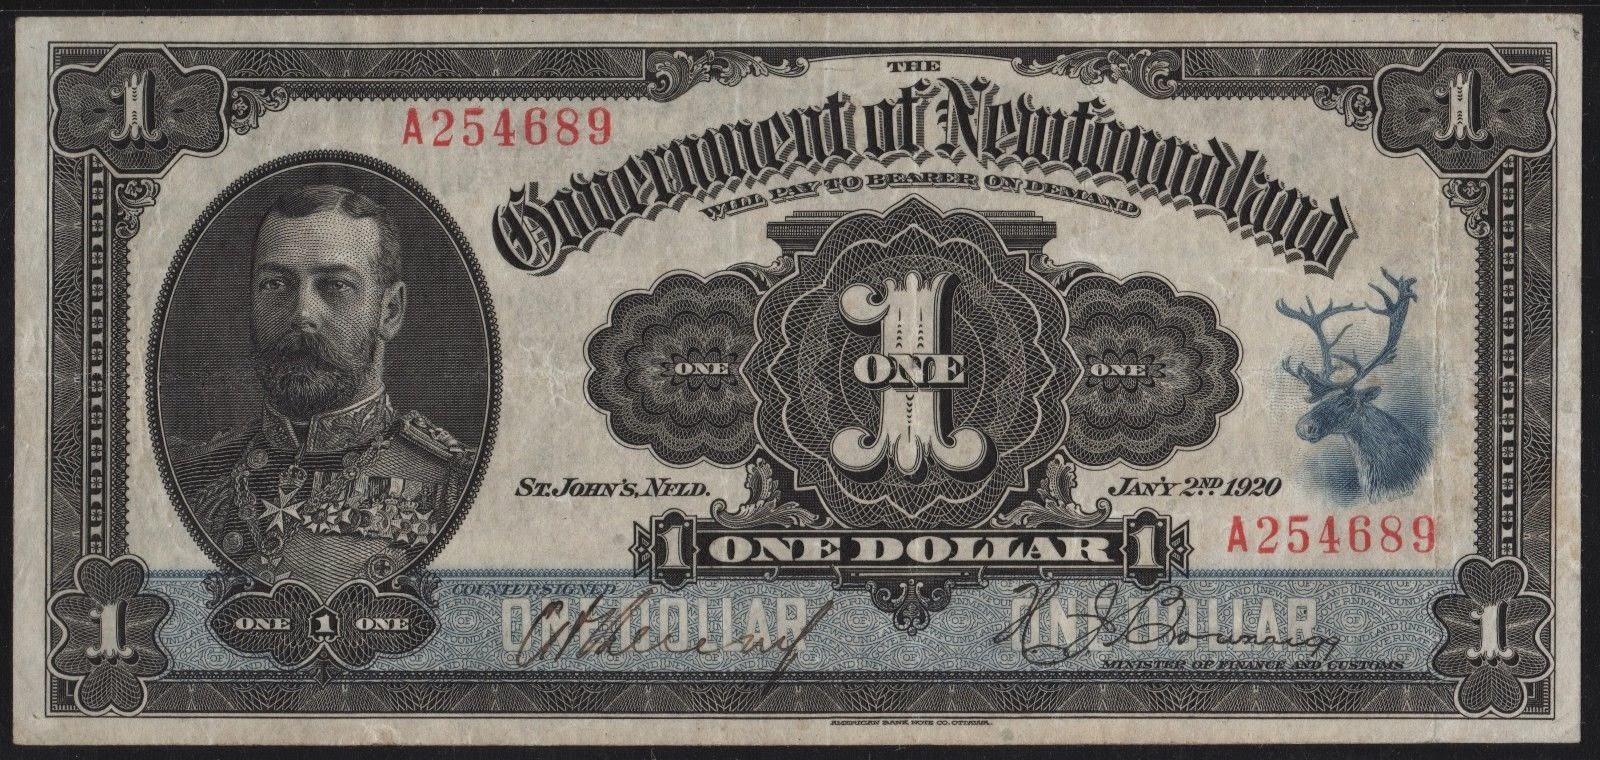 Newfoundland Dollar Bill banknote